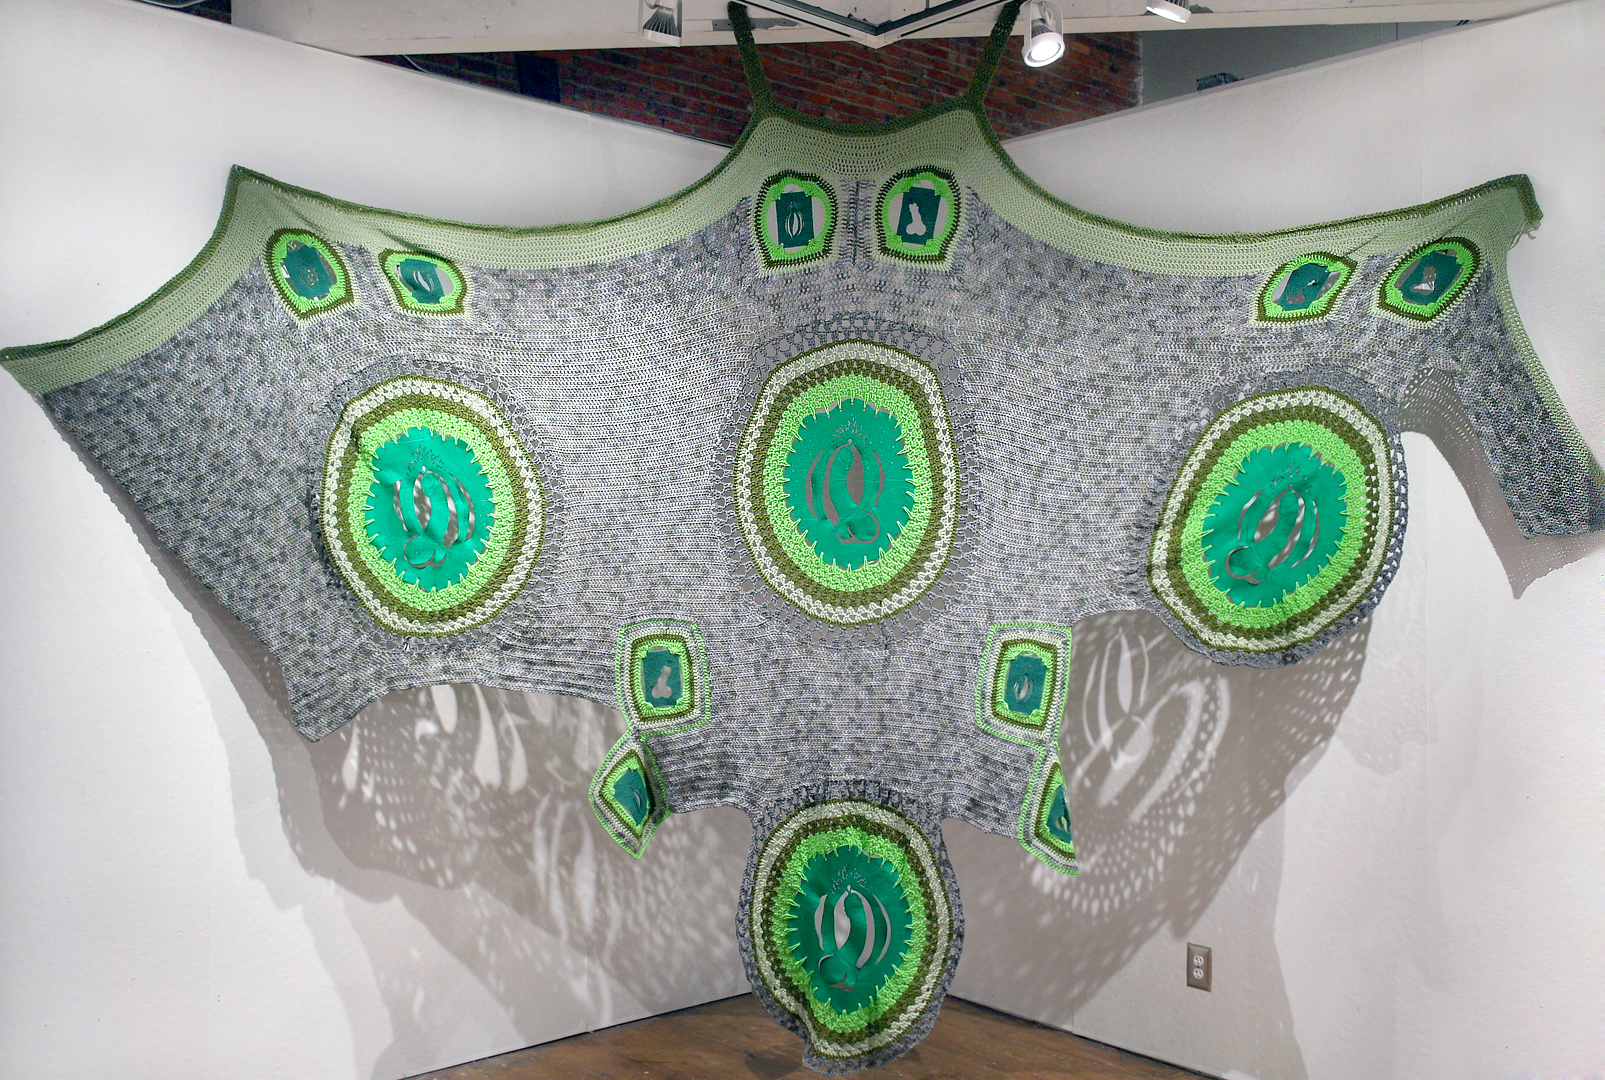 Always Greener (Weiner), 2014, Yarn, jute, scouring pads, felt., 112 x 161 inches